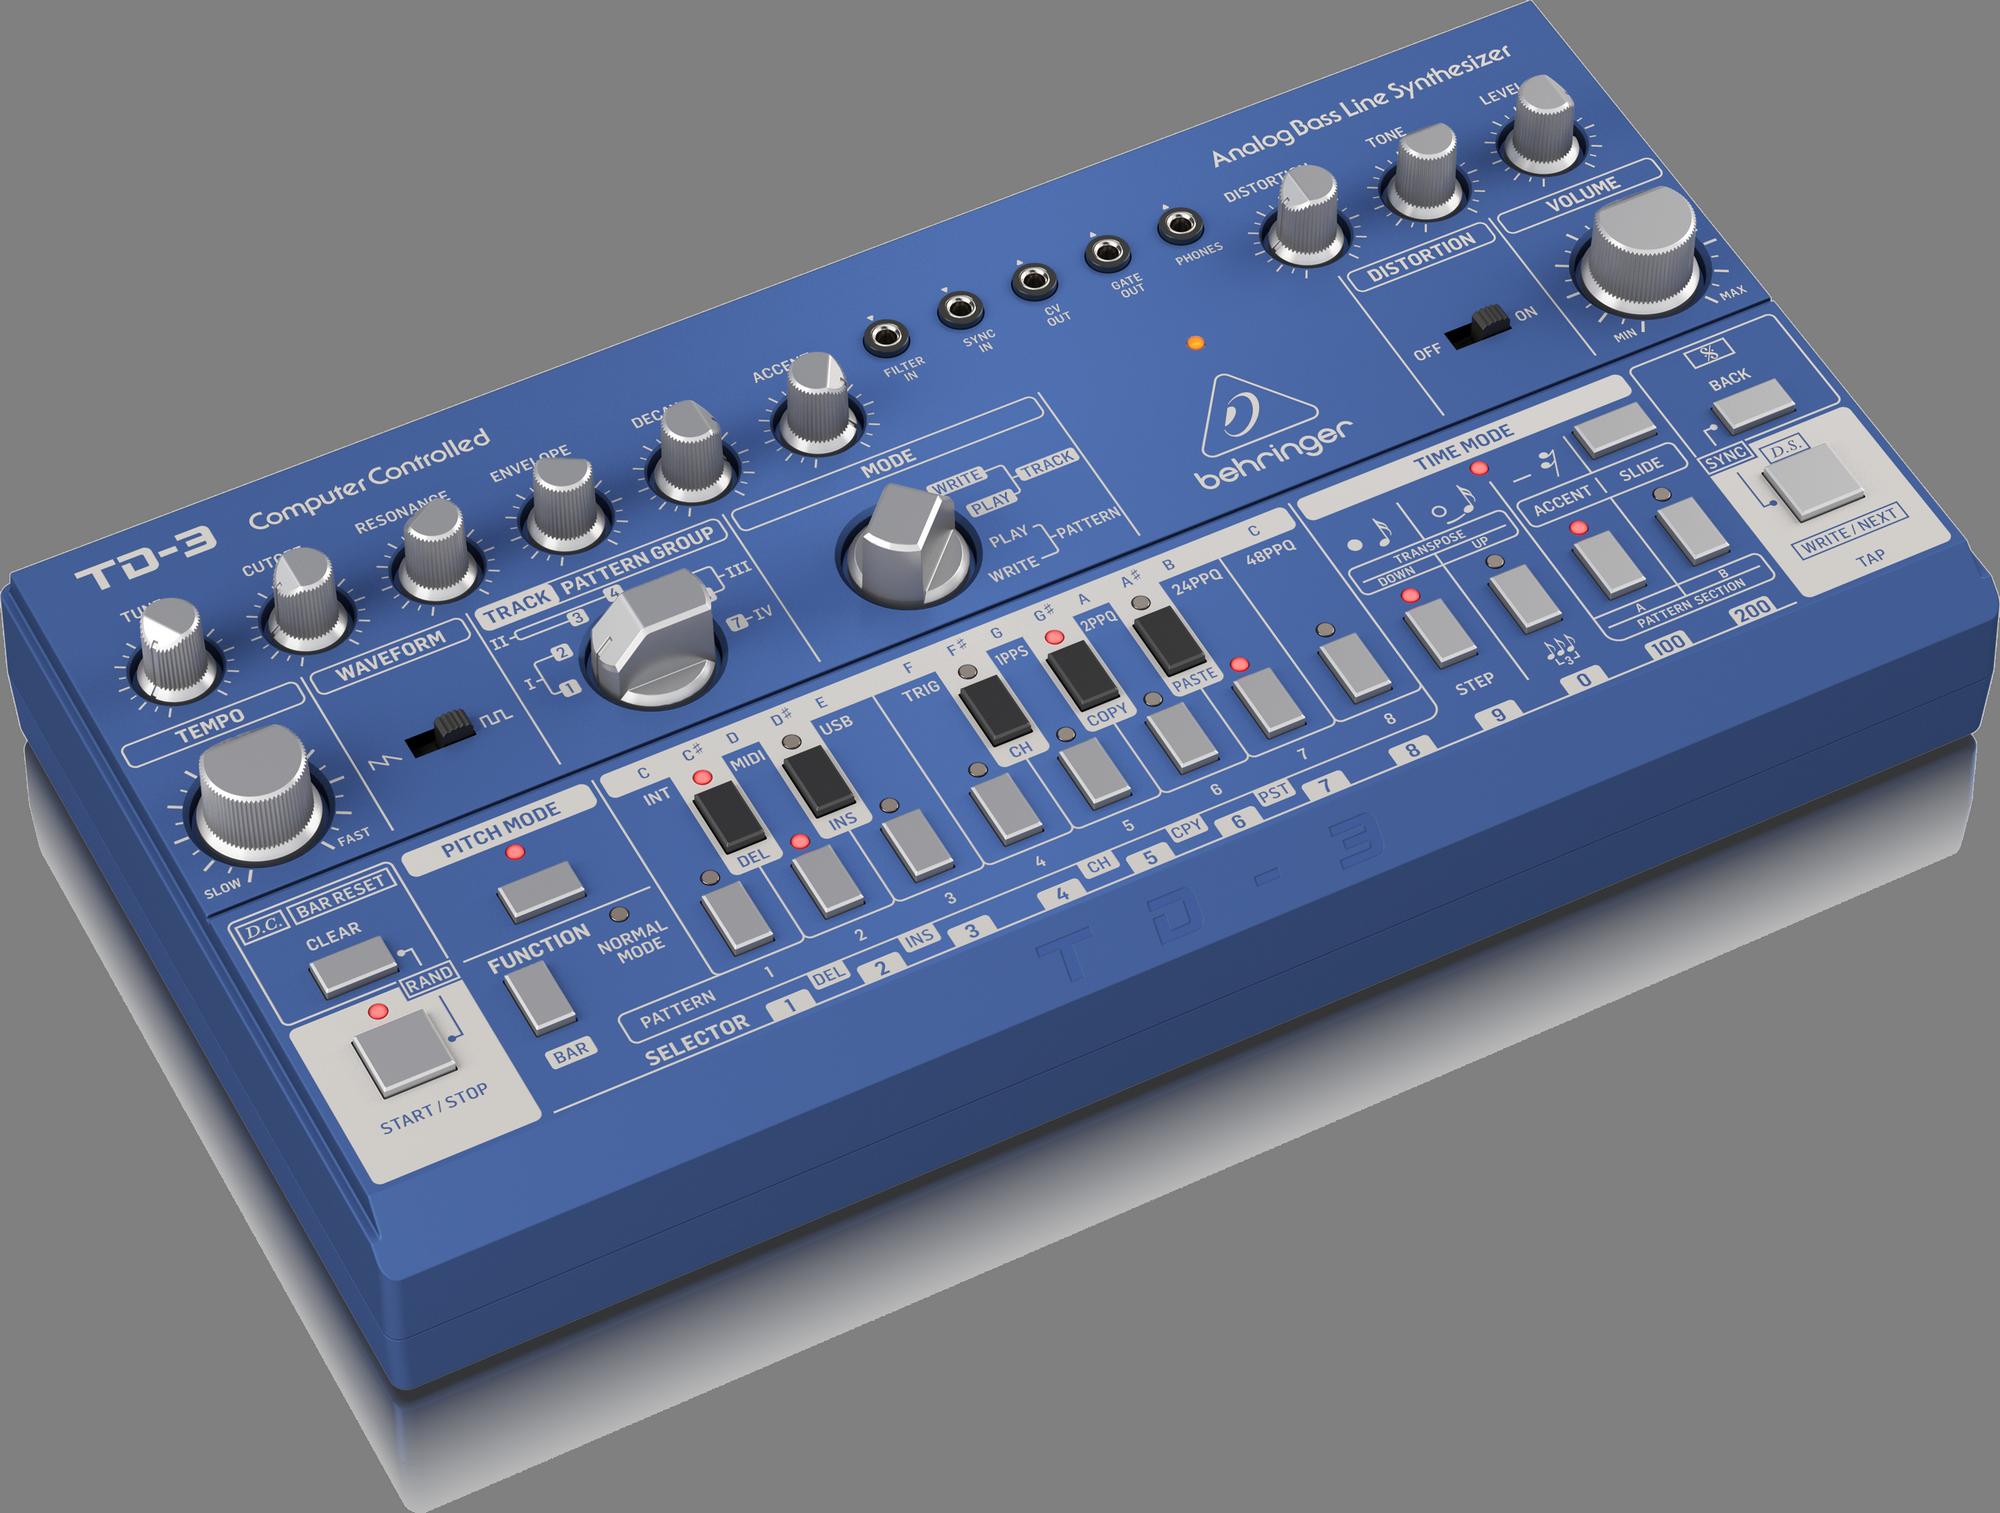 Behringer TD-3-BU - Analog Synthesizer